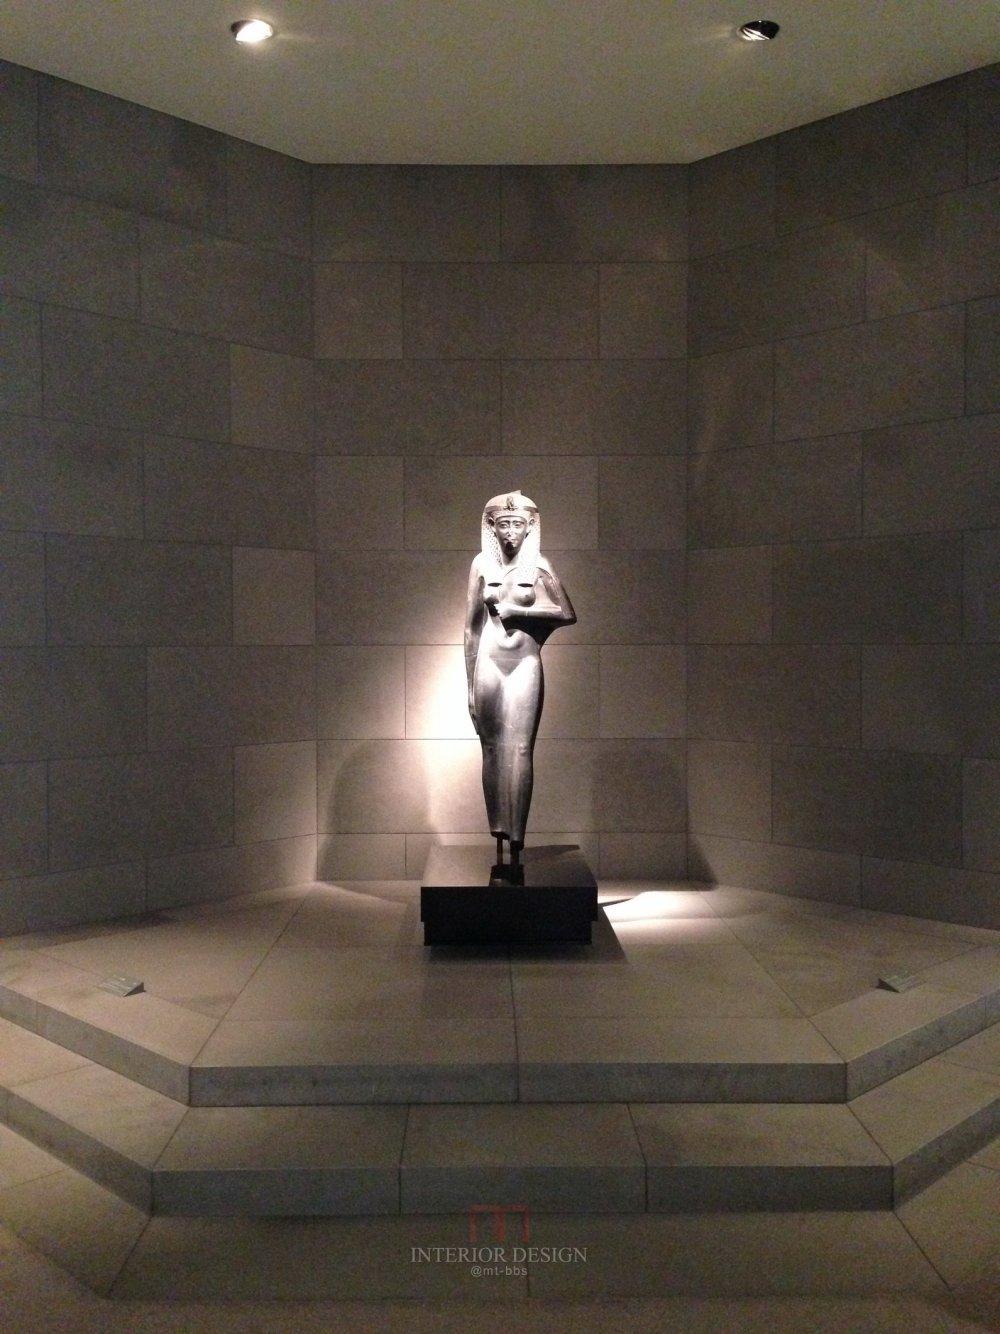 日本美秀美术馆MIHO MUSEUM自拍分享-贝聿铭_IMG_7278.JPG